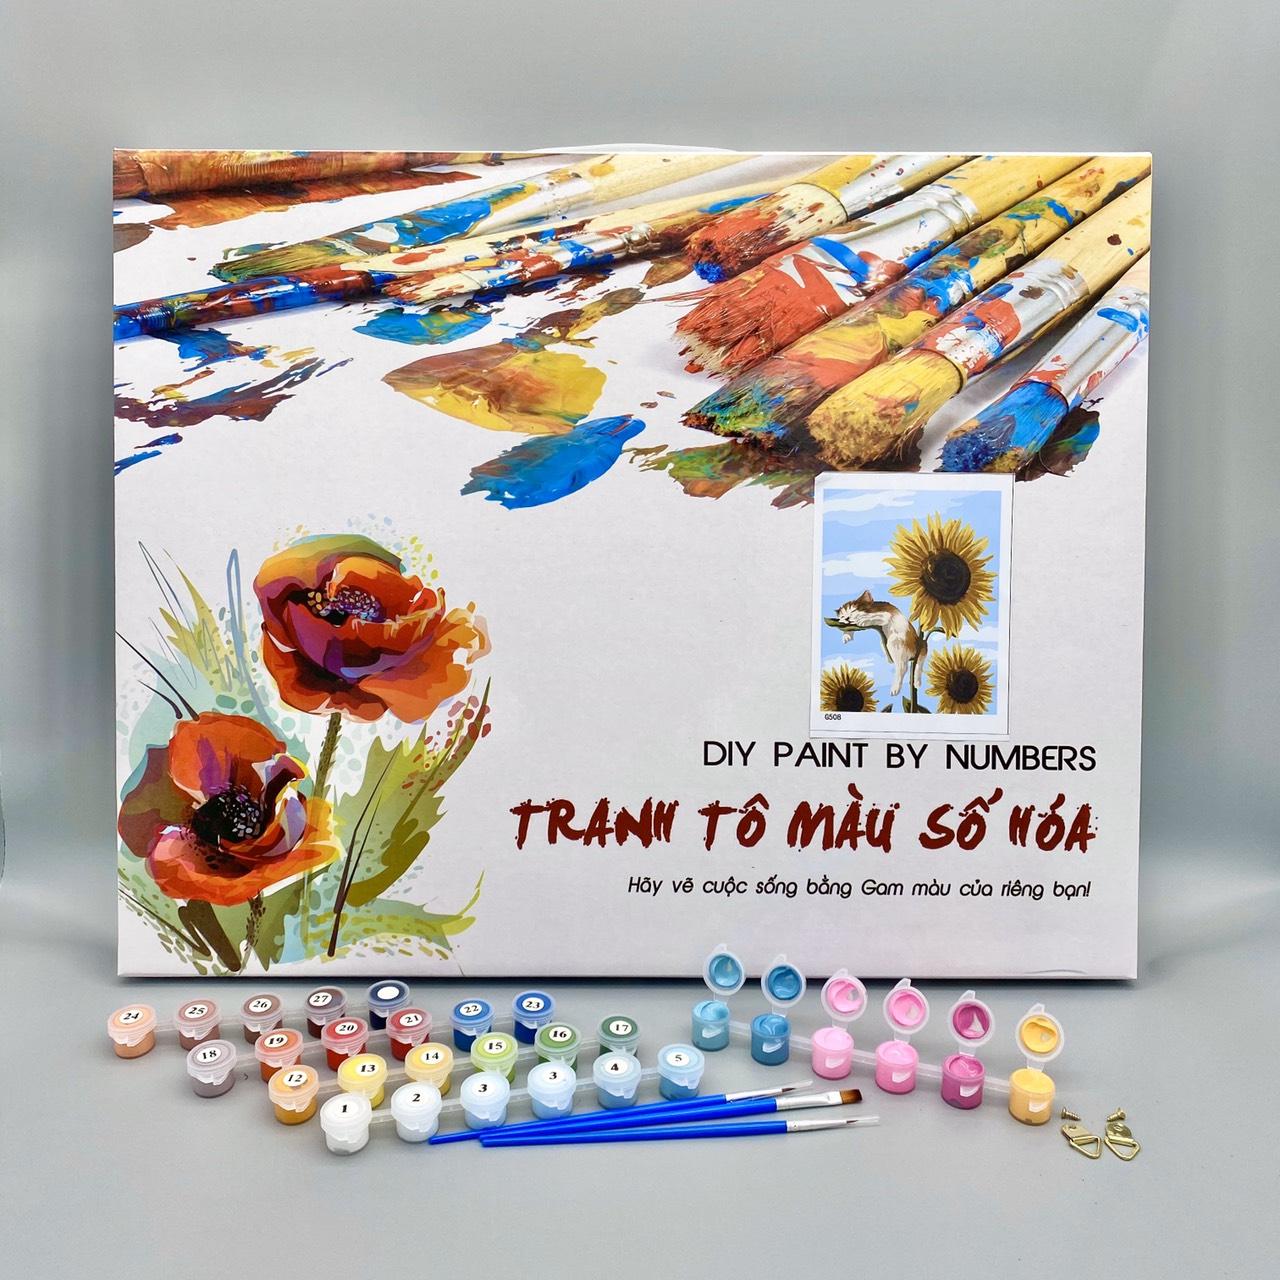 Tranh tô màu sơn dầu số hóa Mã BH0429 Cẩm tú cầu Tranh hoa treo tường trang trí làm quà tặng